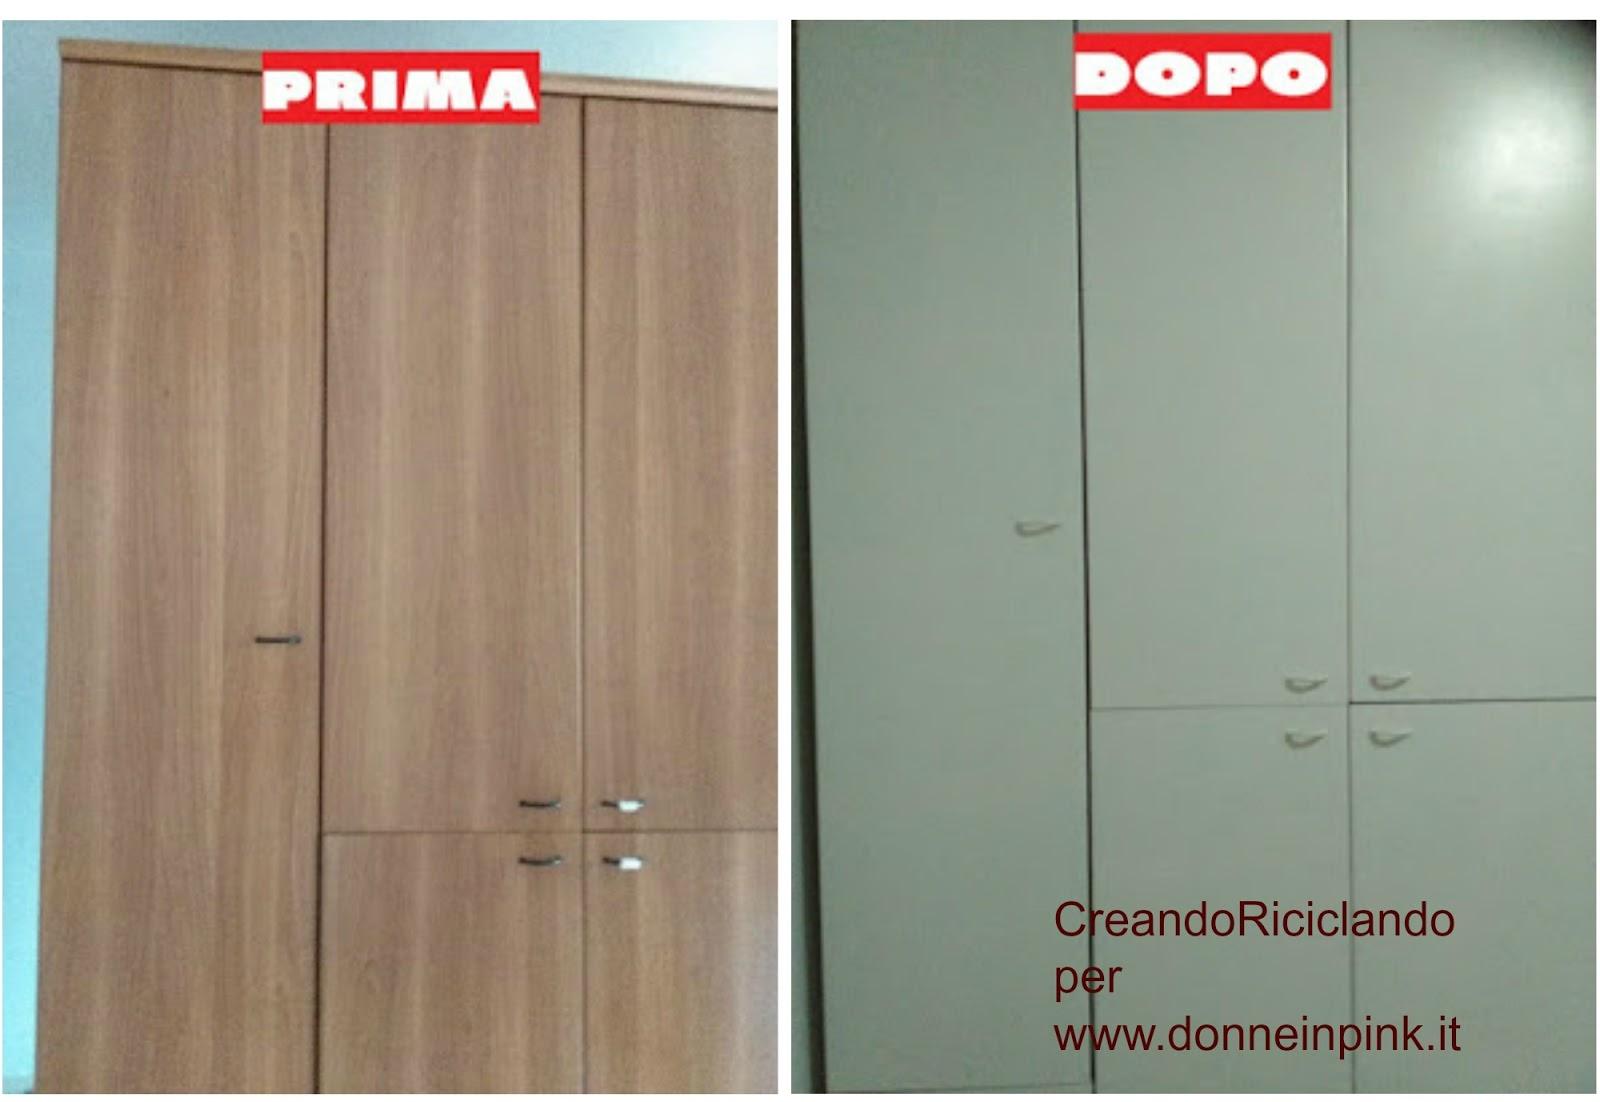 Donneinpink magazine come cambiare colore al vecchio armadio for Armadio seconda mano